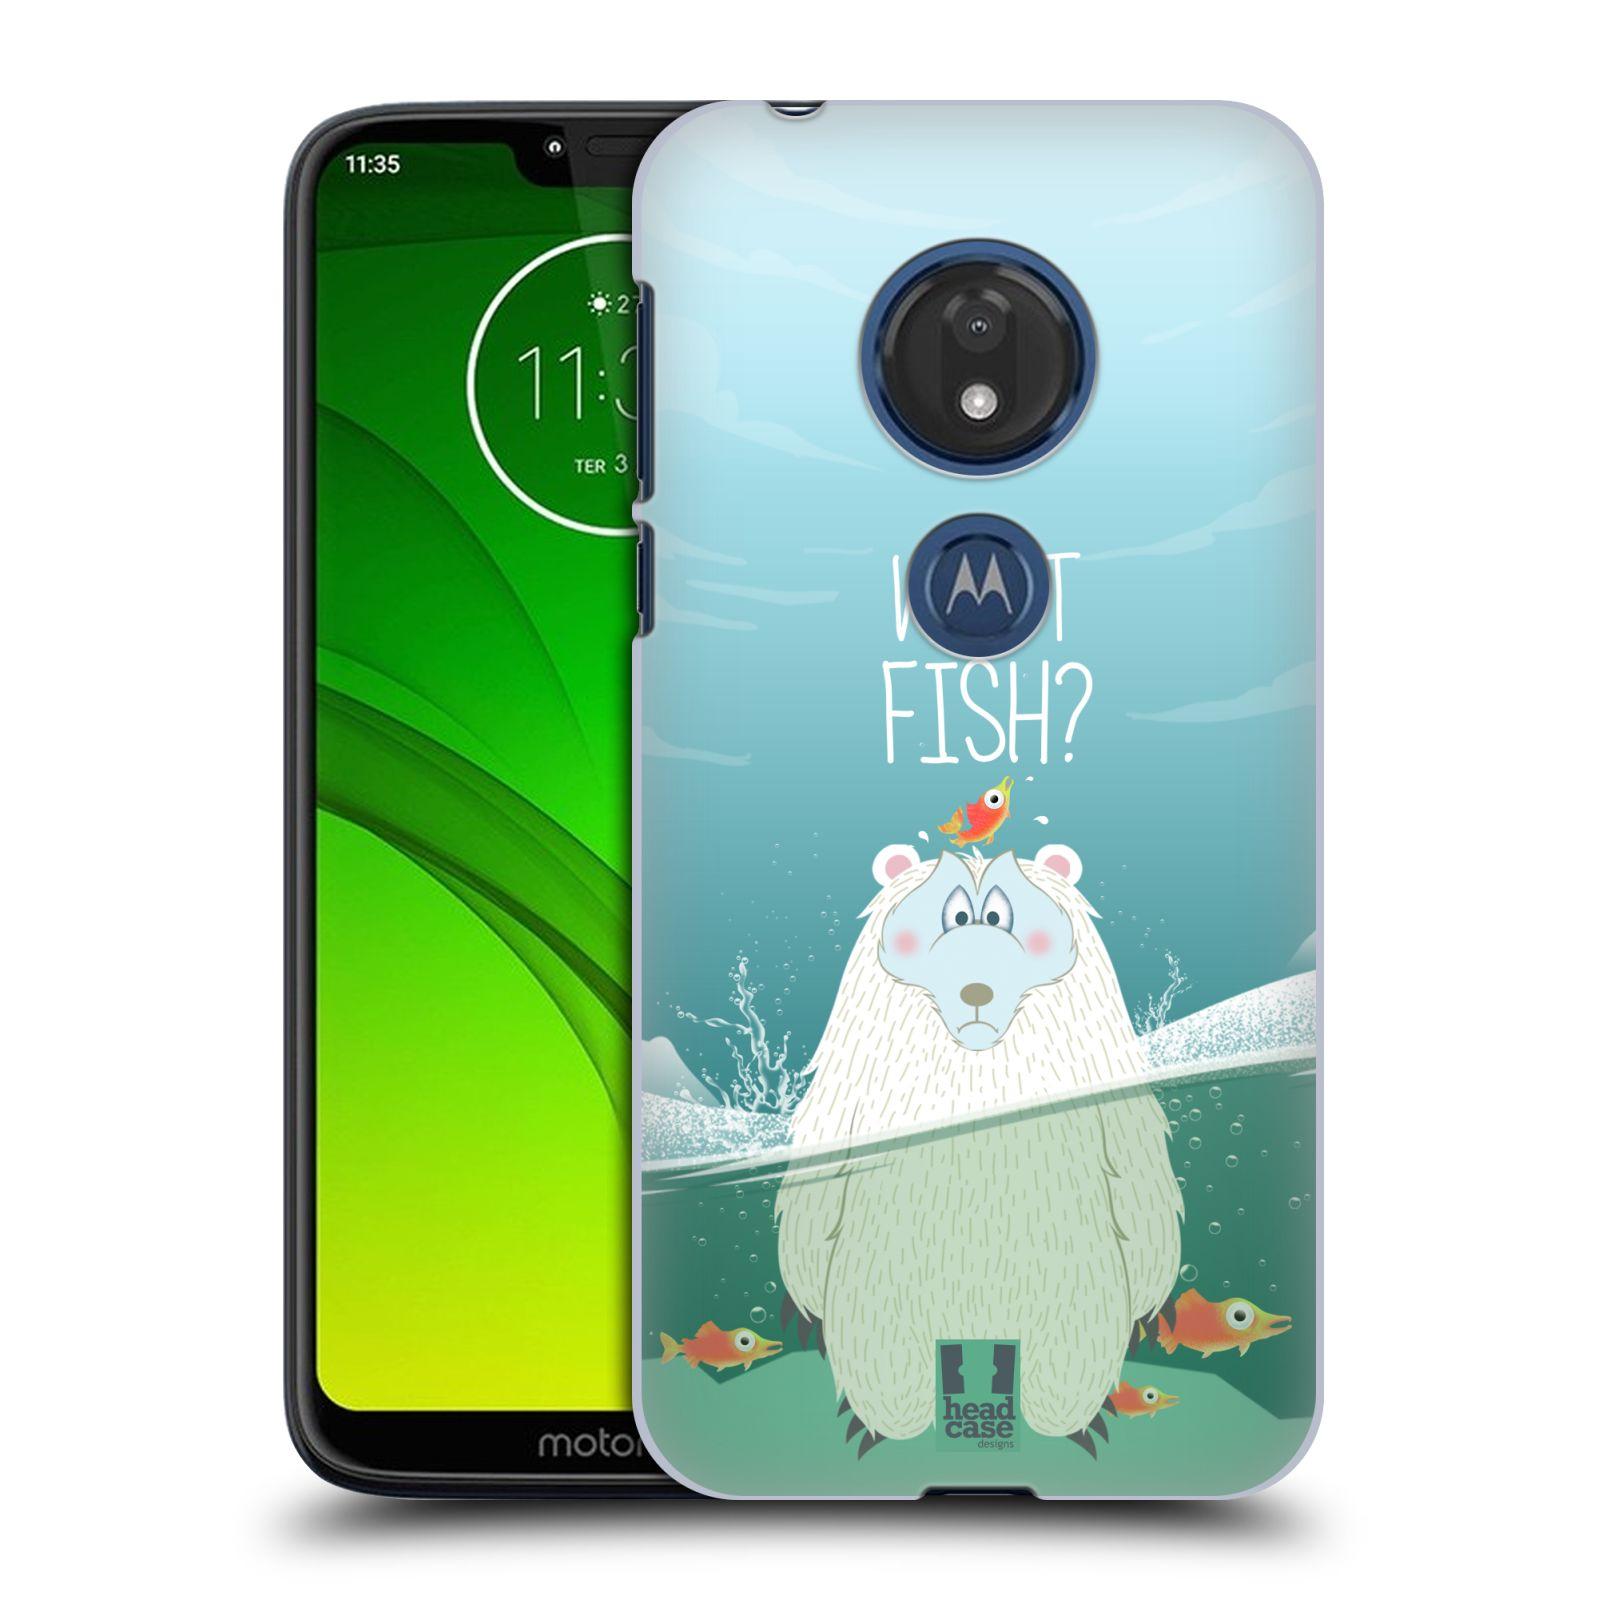 Plastové pouzdro na mobil Motorola Moto G7 Play - Head Case - Medvěd Whut Fish?